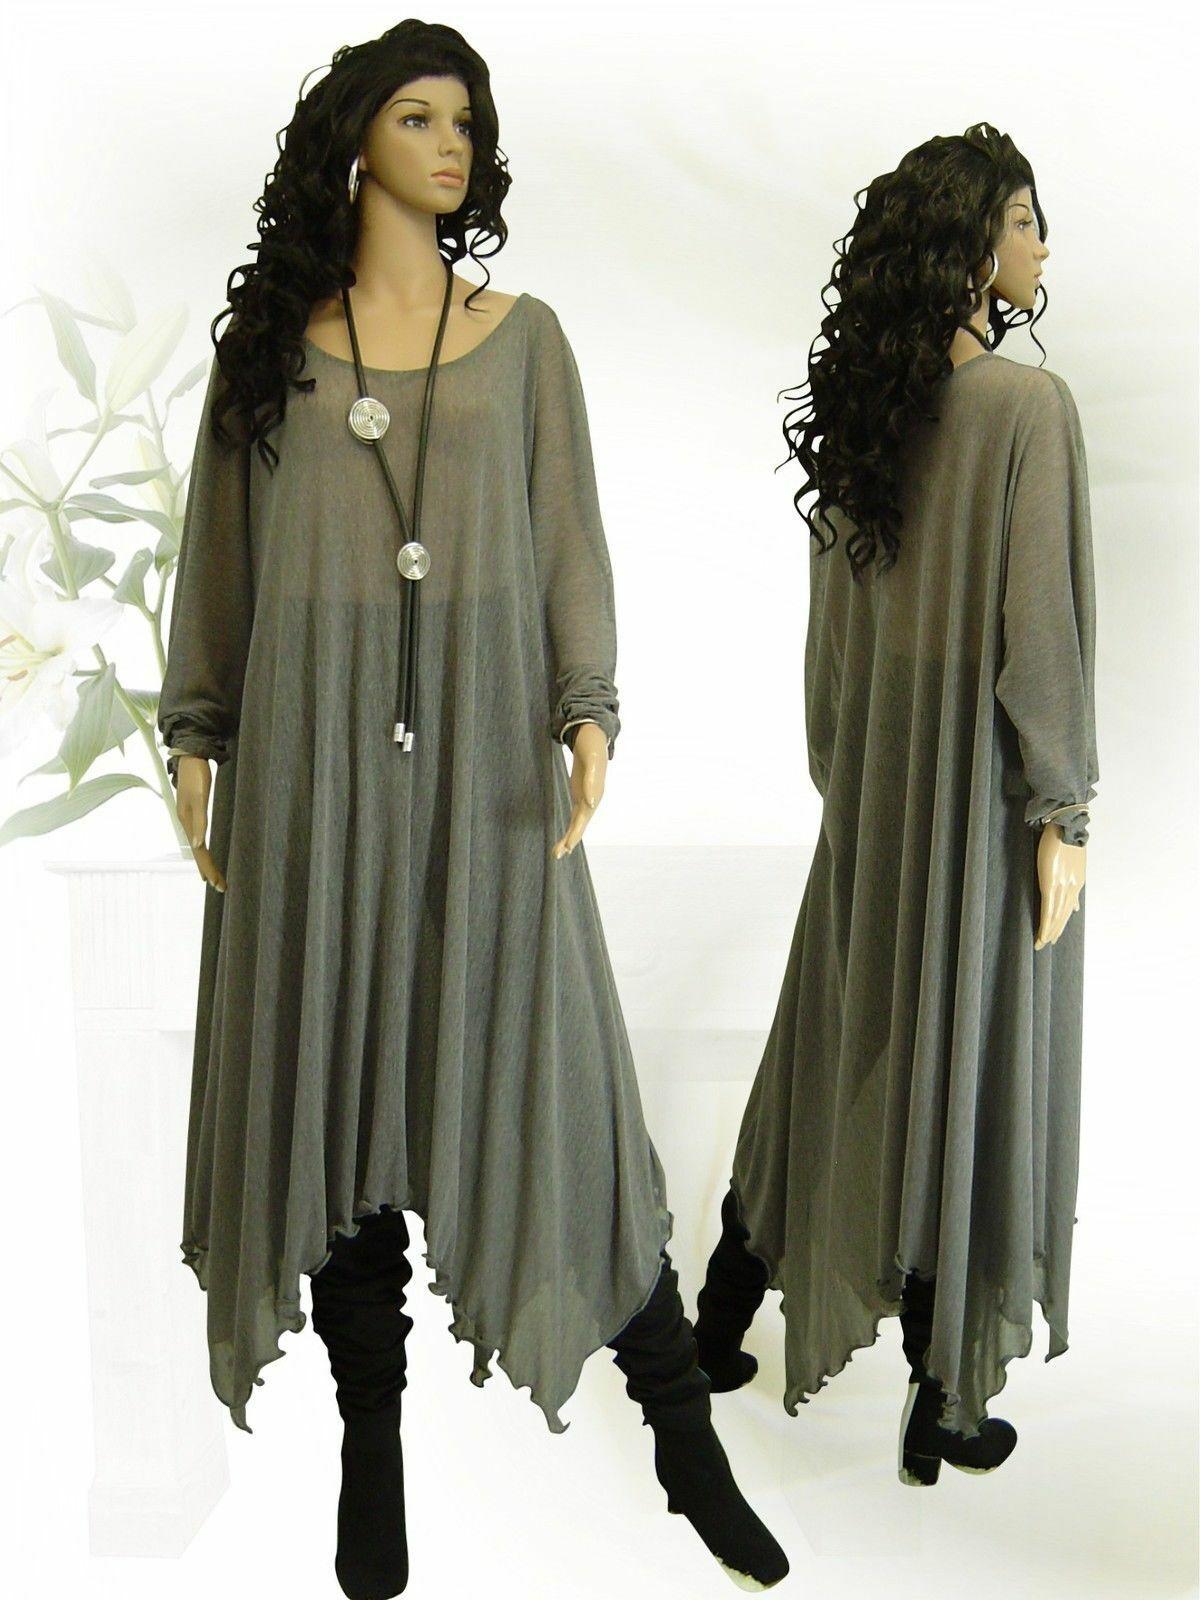 Designer Mode Unterkleid Mash transparent, grau, Gr. 58, wie neu